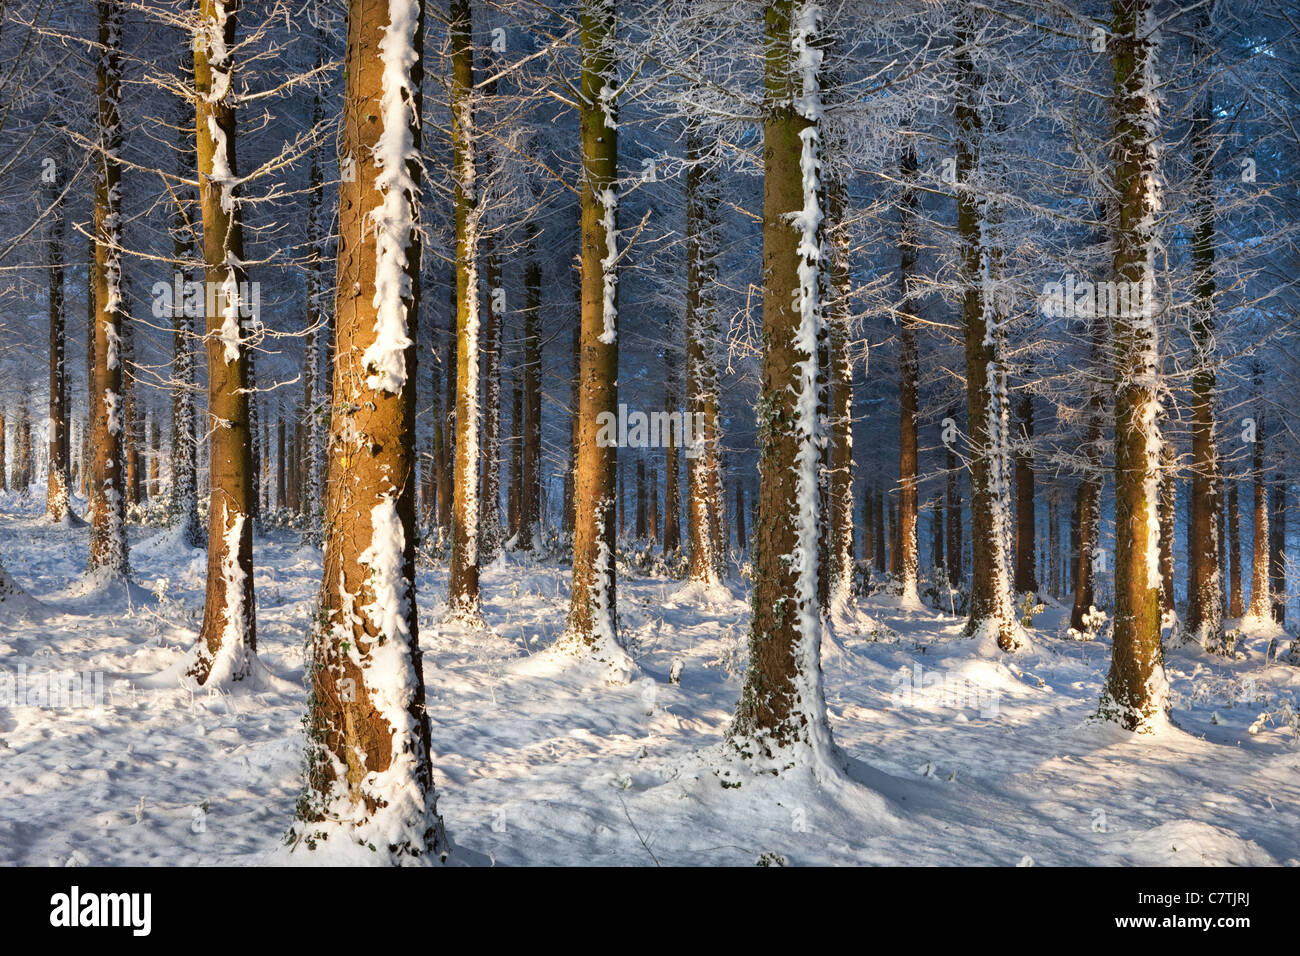 Les arbres givrés de givre de l'hiver neigeux dans un bois, bois Morchard, Devon, Angleterre. Hiver (décembre) Photo Stock